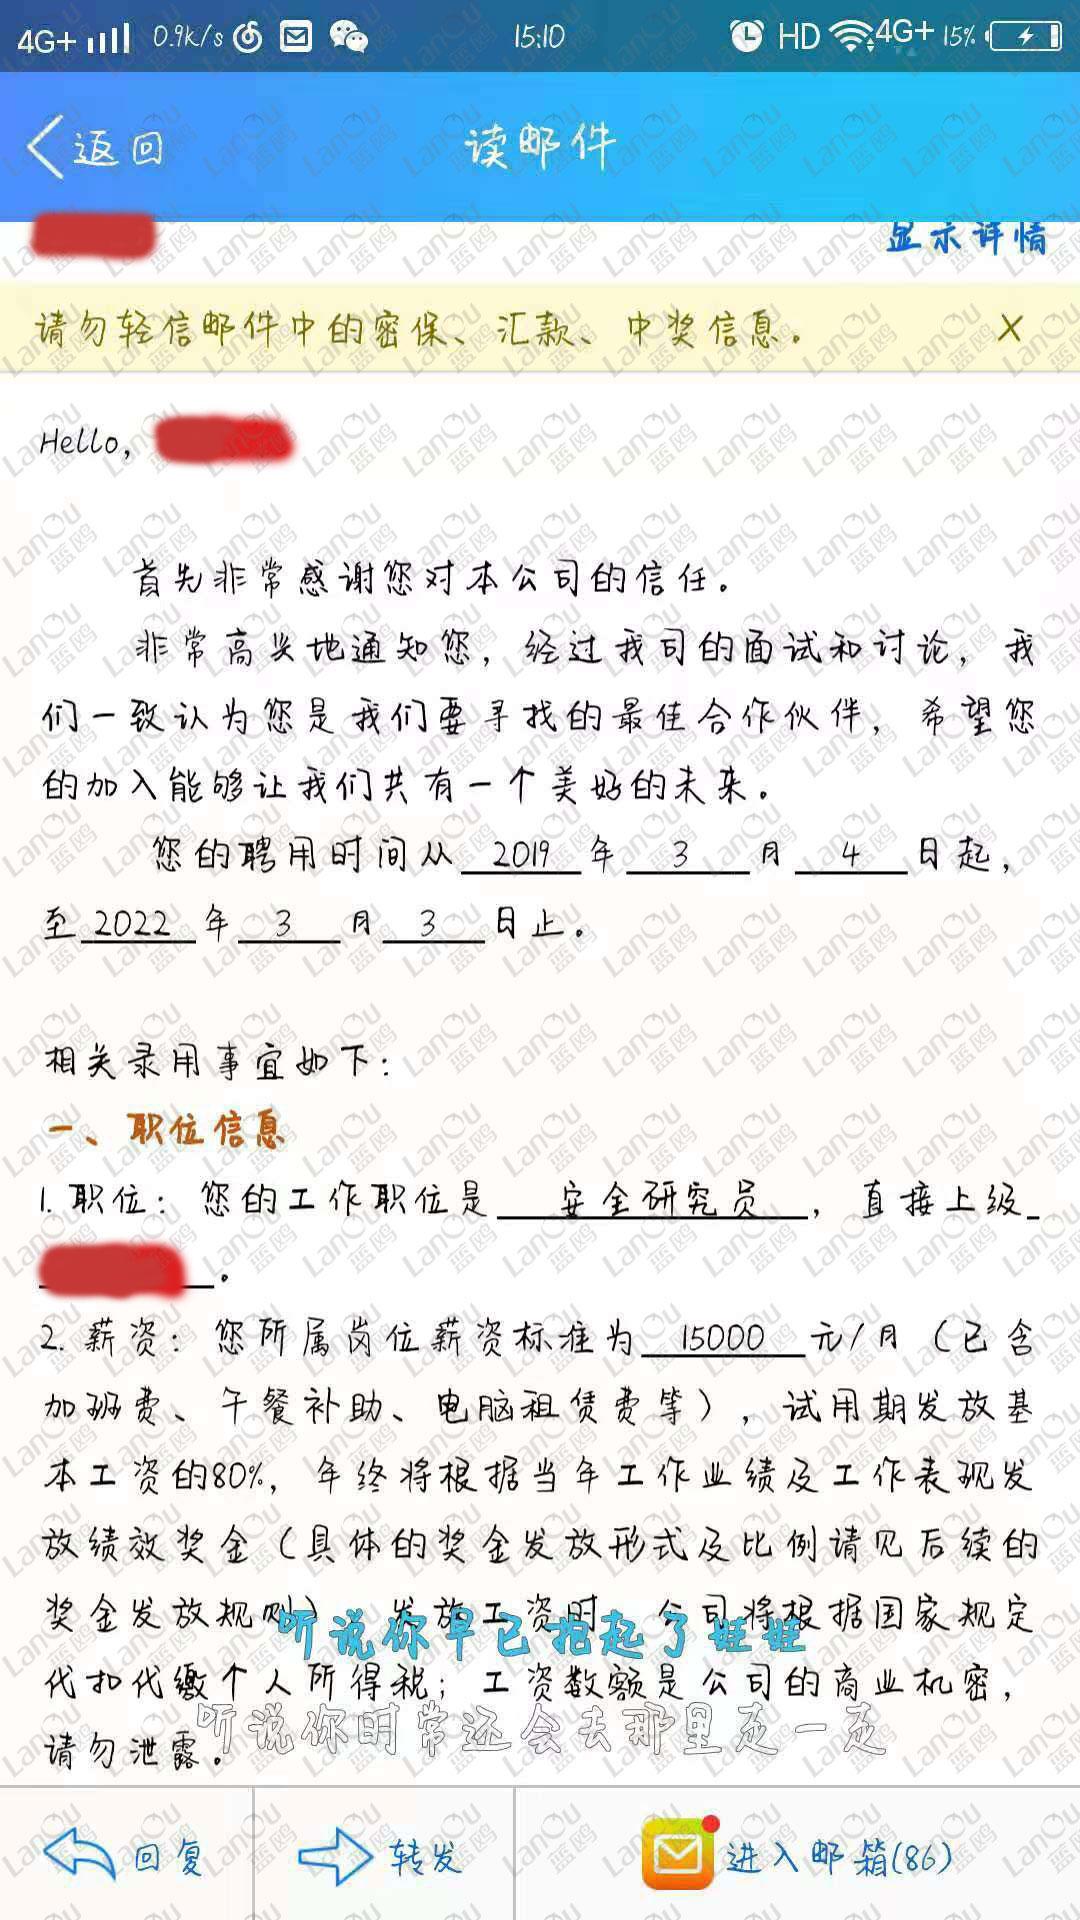 就业捷报.jpg